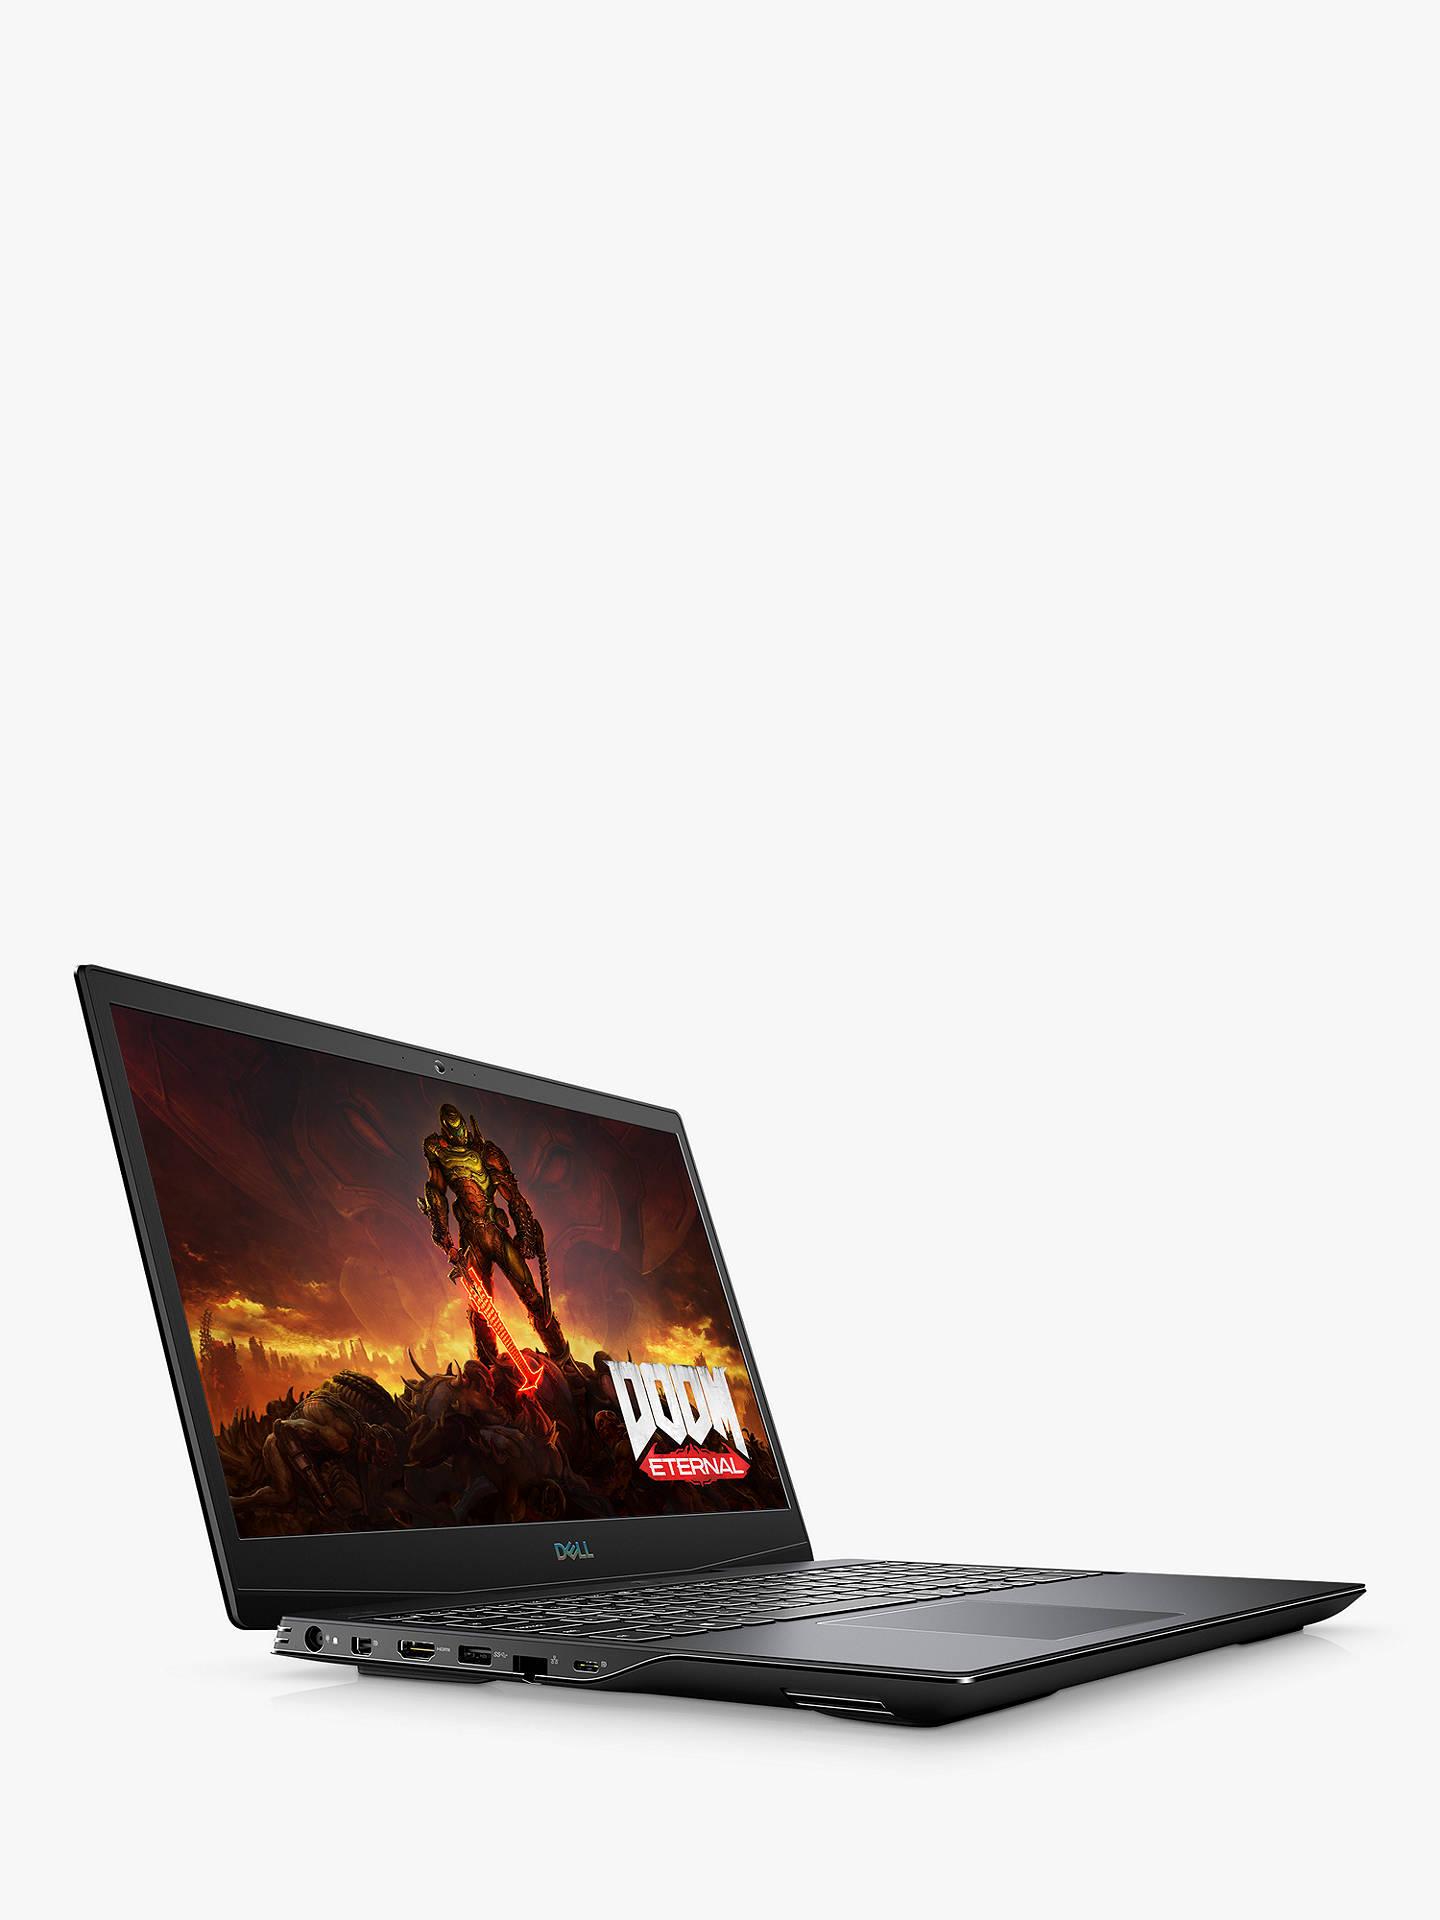 Dell G3 15 3500 Laptop Intel Core I5 Processor 8gb Ram 512gb Ssd 15 6 Full Hd Black At John Lewis Partners